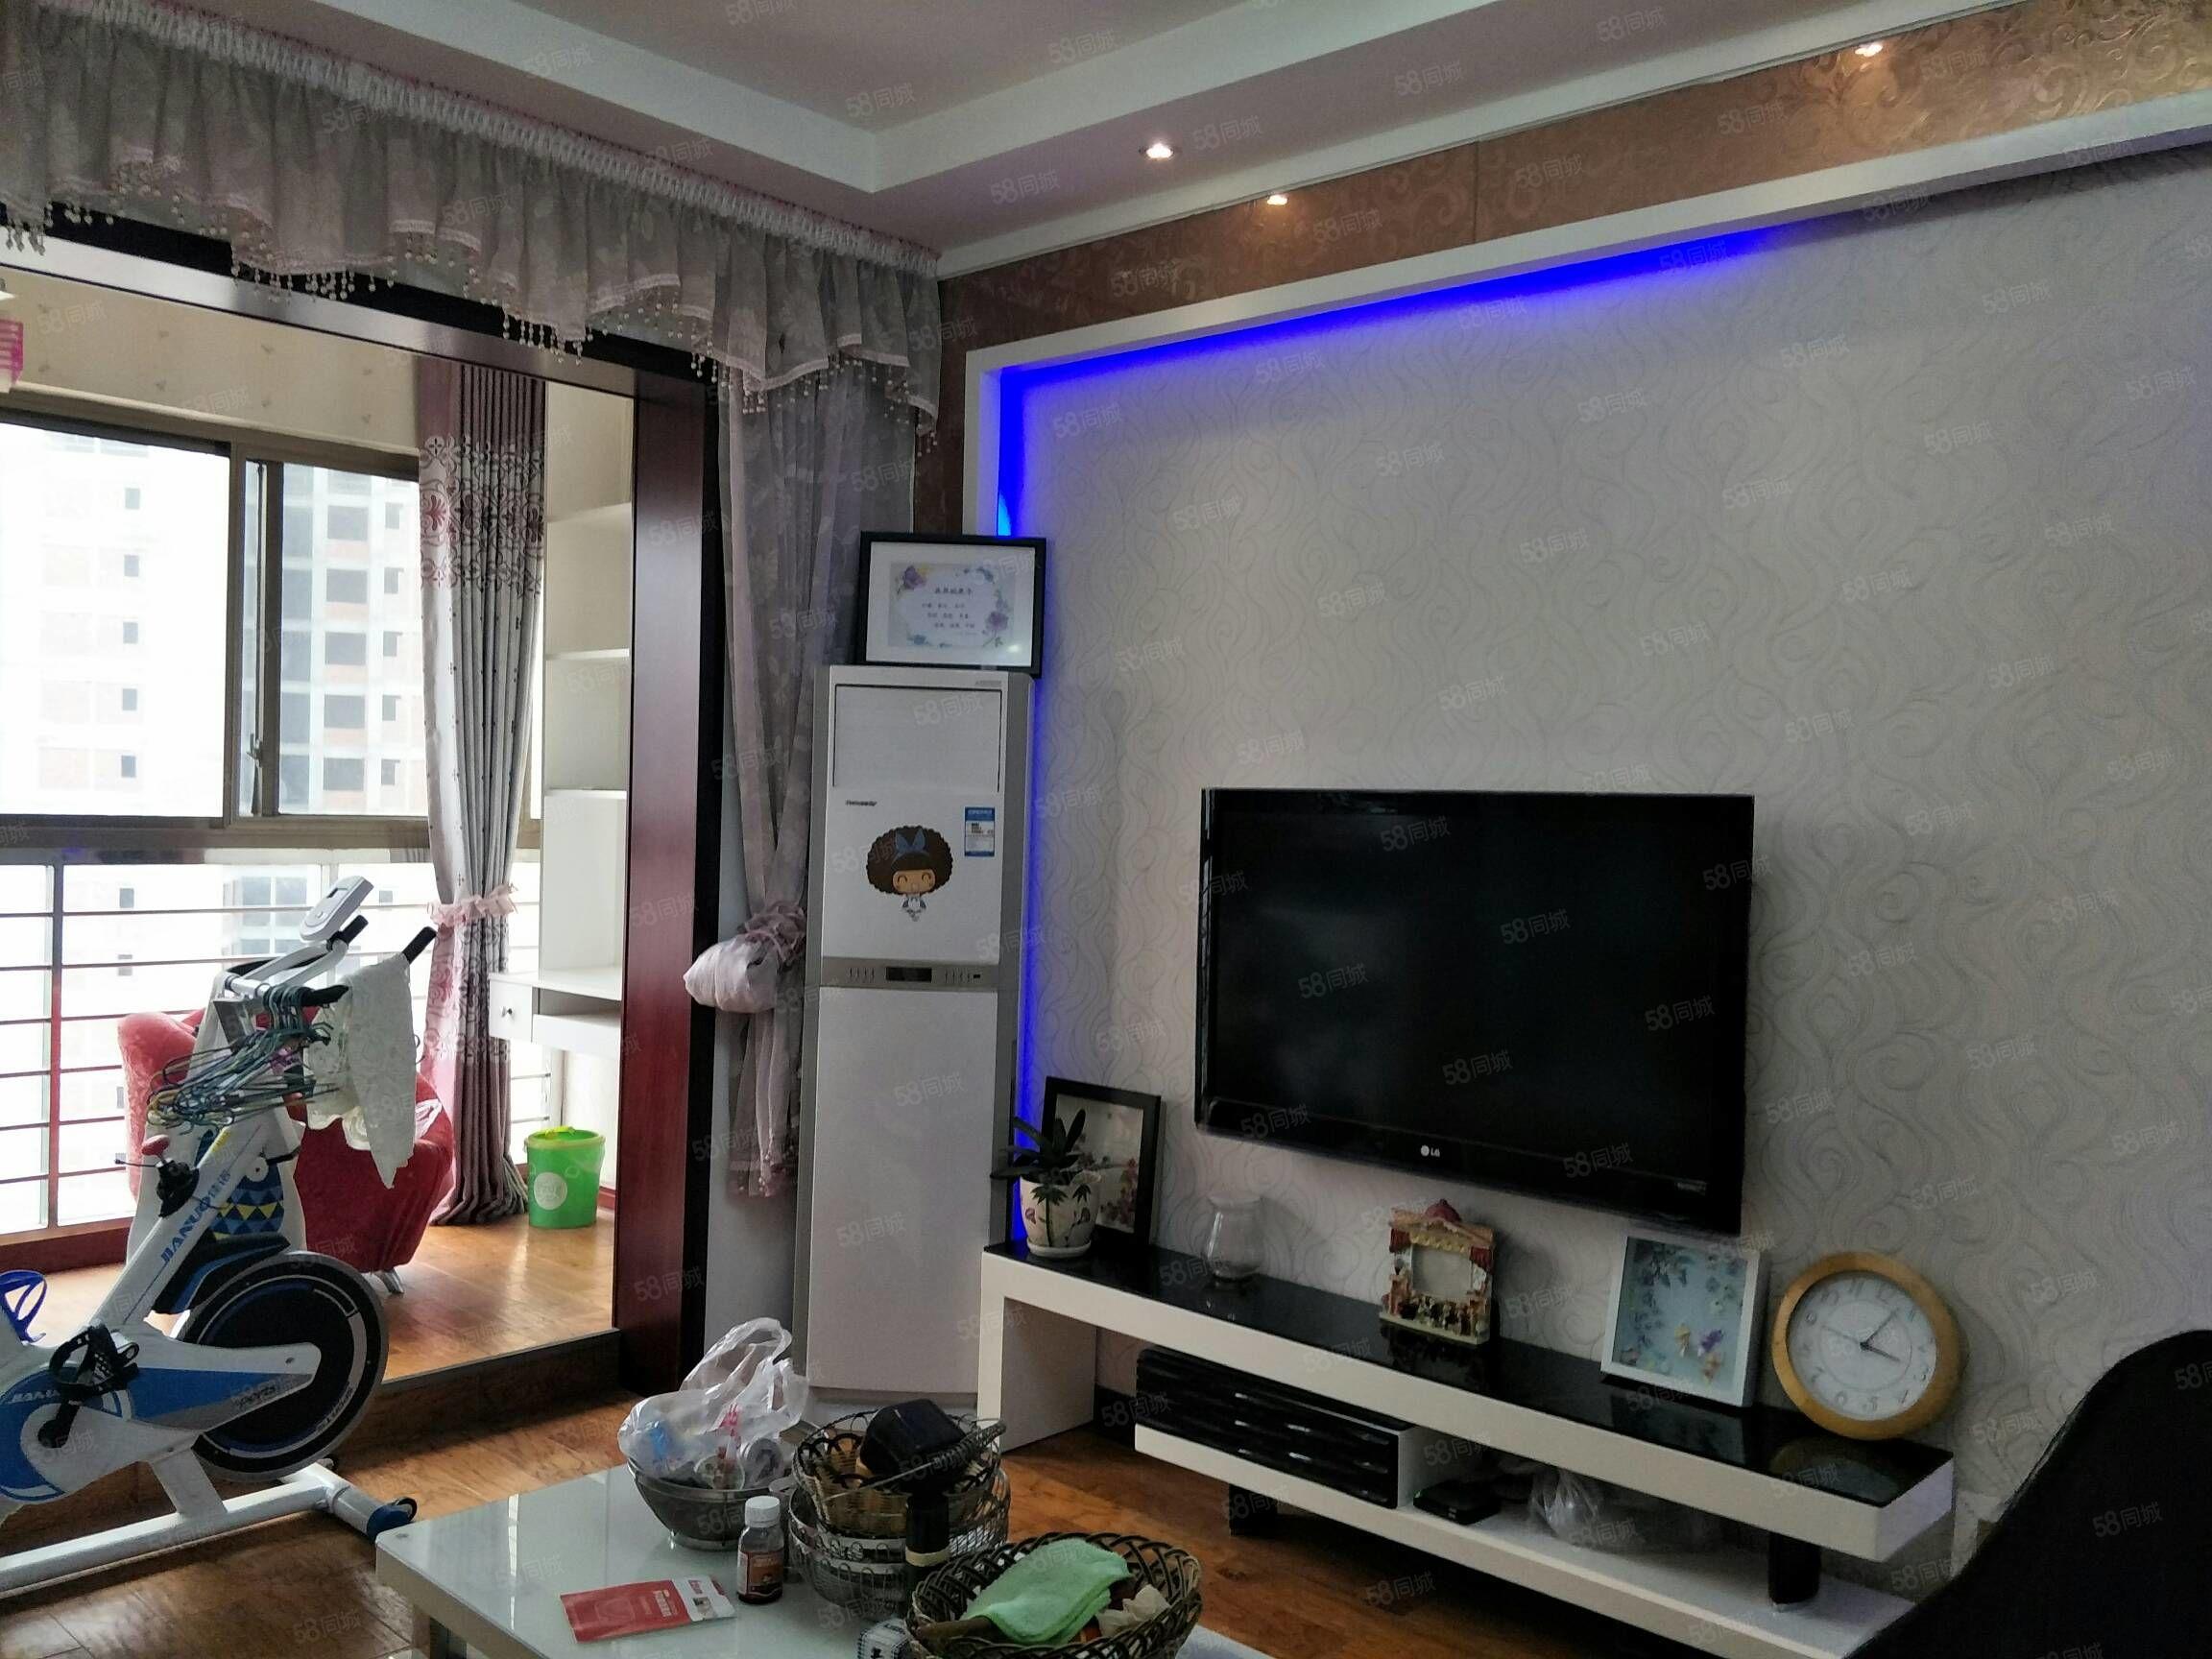 新城美麗星城二室二廳一衛毫華裝修空調三個,校區房有意請打電話